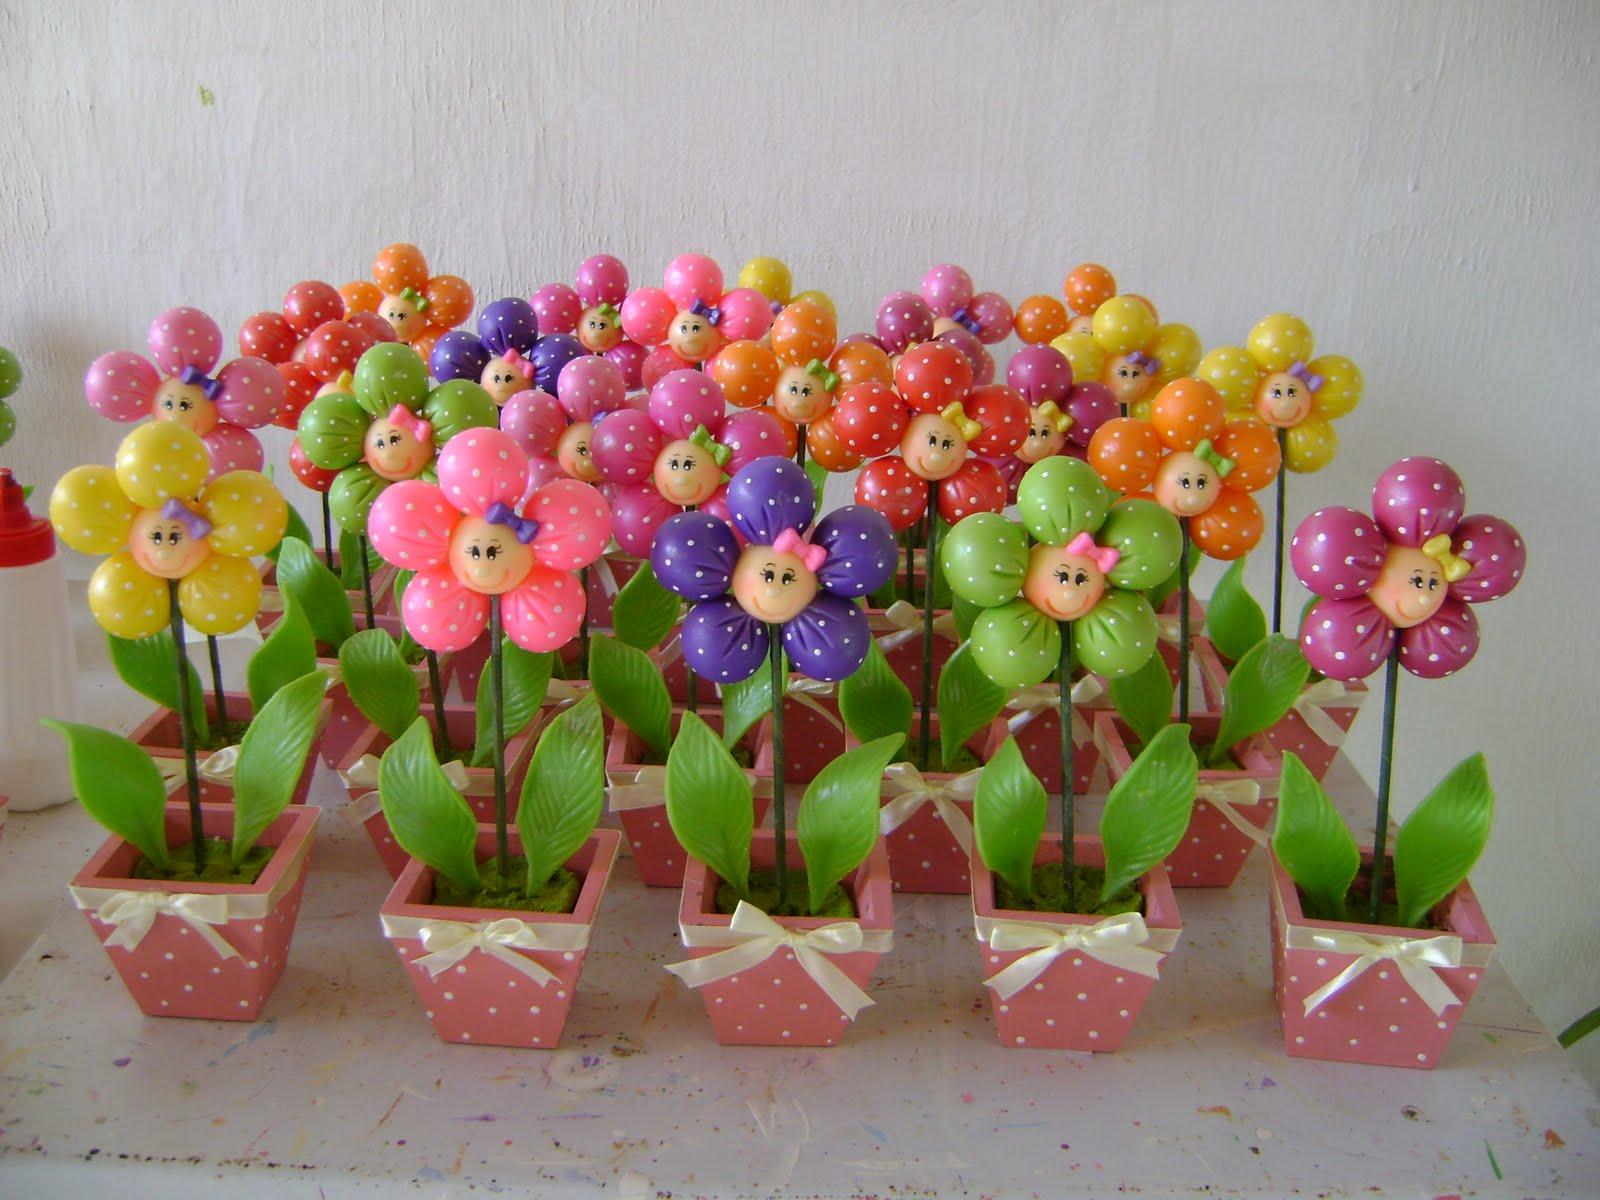 festa jardim do morro : festa jardim do morro: Jardim Encantado Contato Andrea Comment On This Picture Convite Jardim